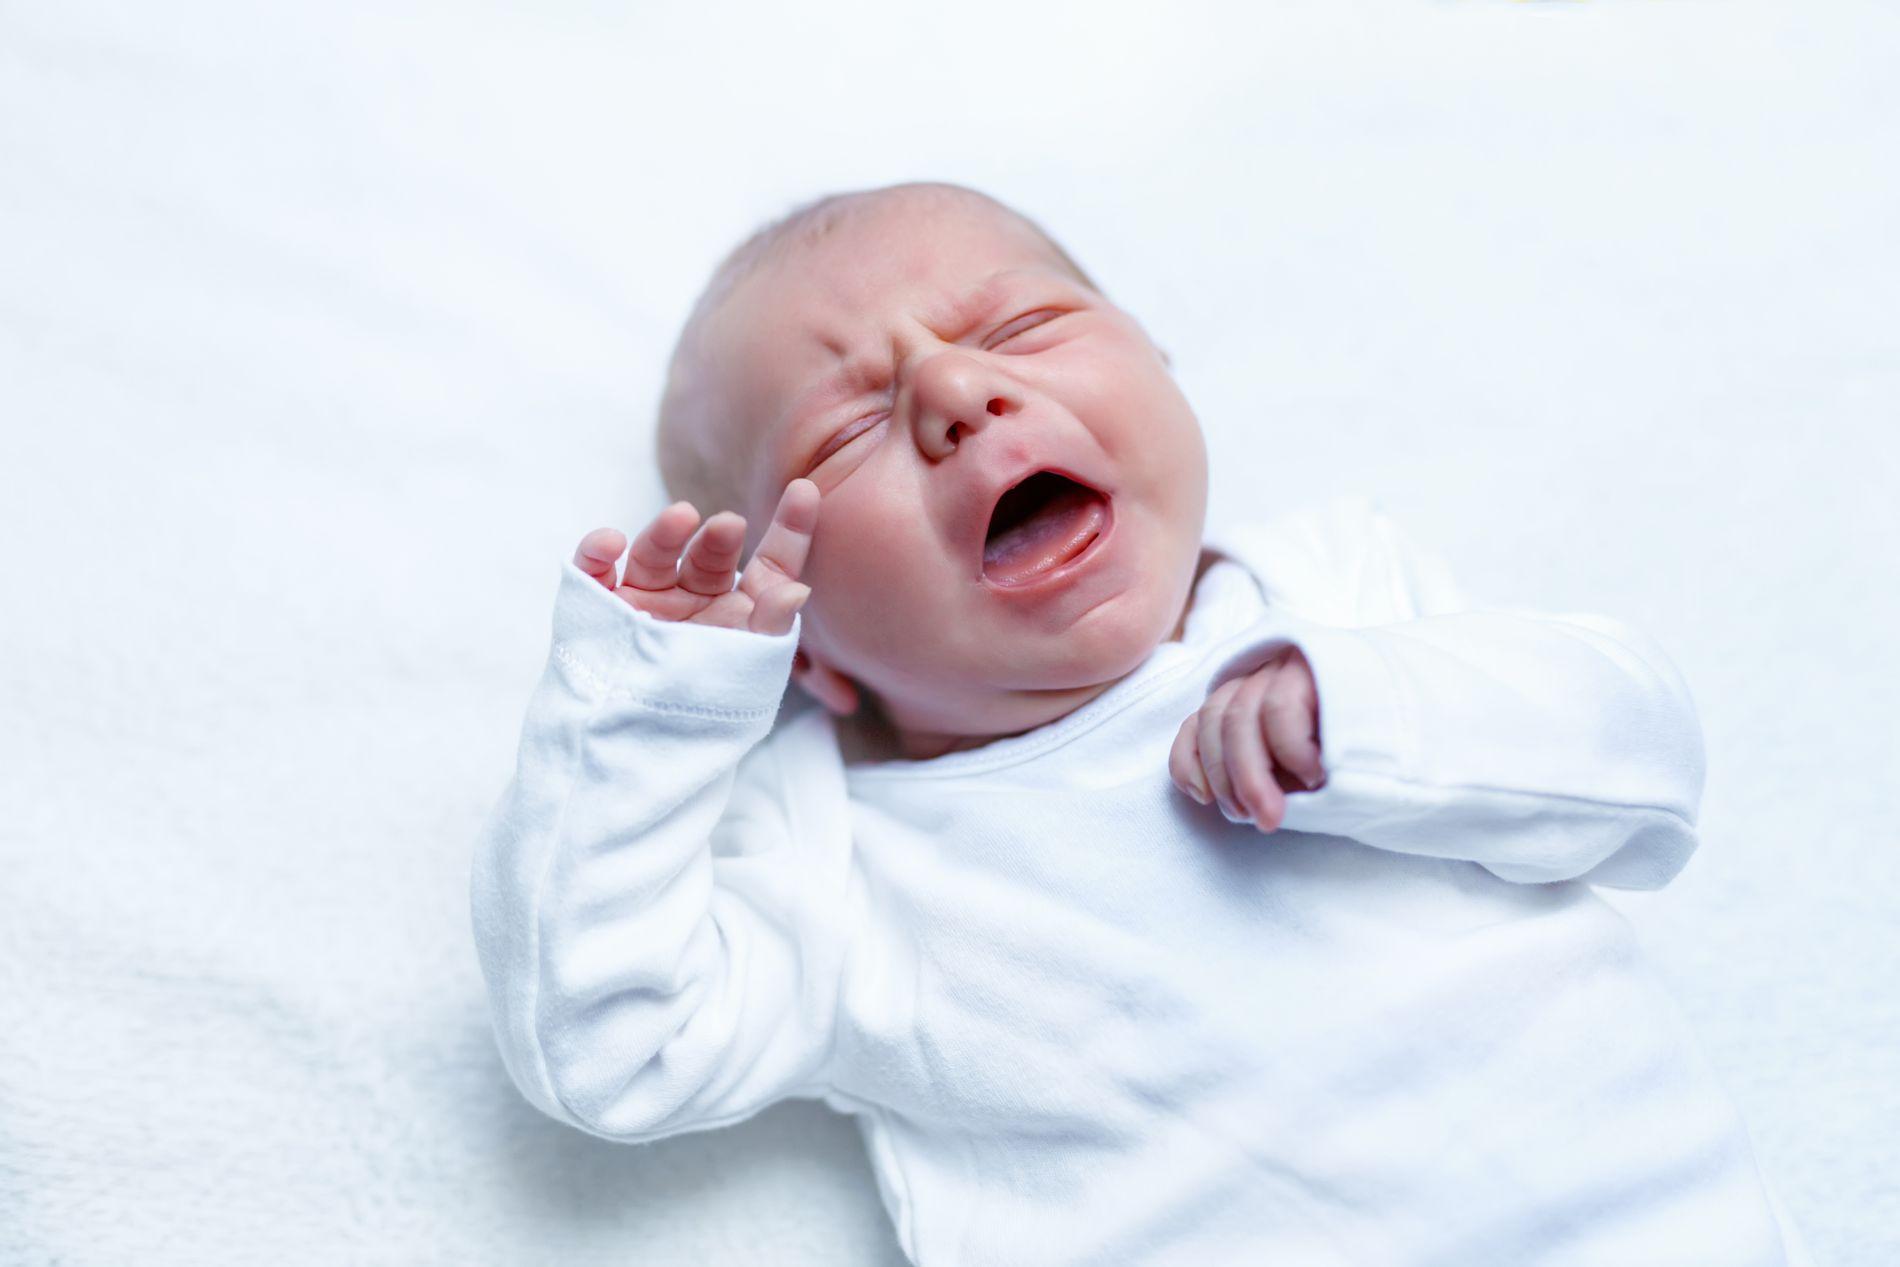 GRÅTEKUR: Mødre blir anbefalt å la småbarn gråte seg i søvn. «Jeg vet jeg har tusenvis av mødre i ryggen når jeg sier at dette er GALT!» skriver innsenderen, som også er kritisk til at mødre blir tvunget til kortere permisjon.